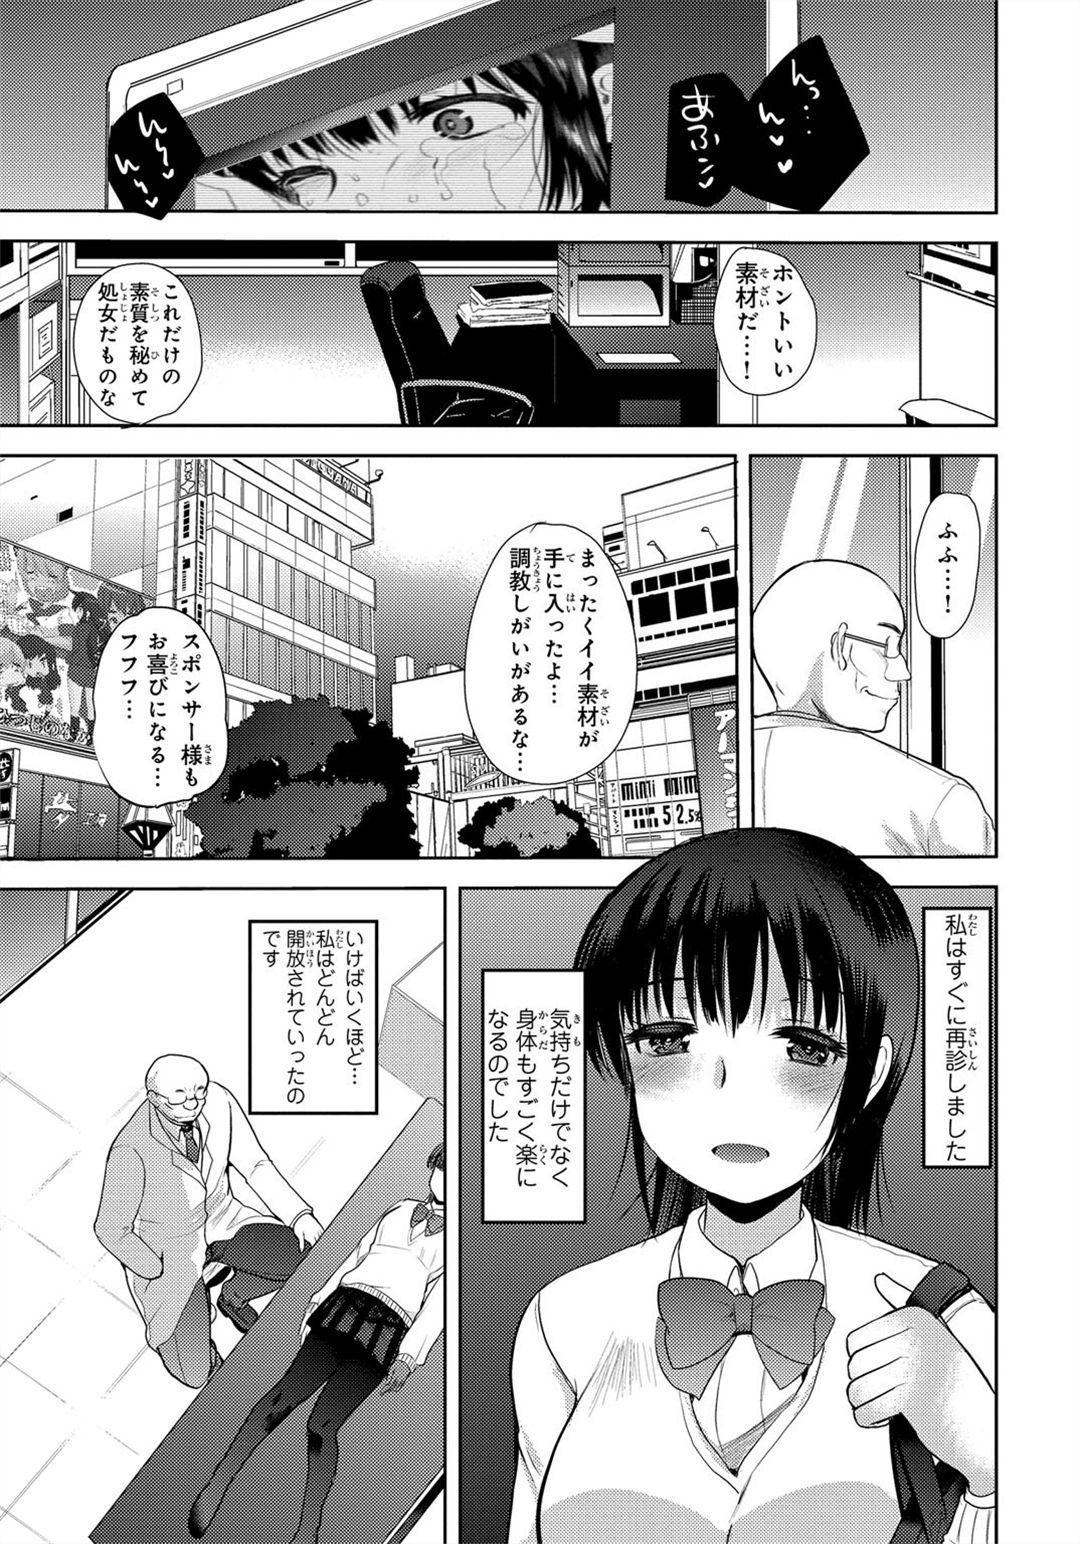 Kichiku! Saimin Choukyou Taguchi Mari wa Ika ni Hisan na Shojo Soushitsu o Mukaeta ka 14